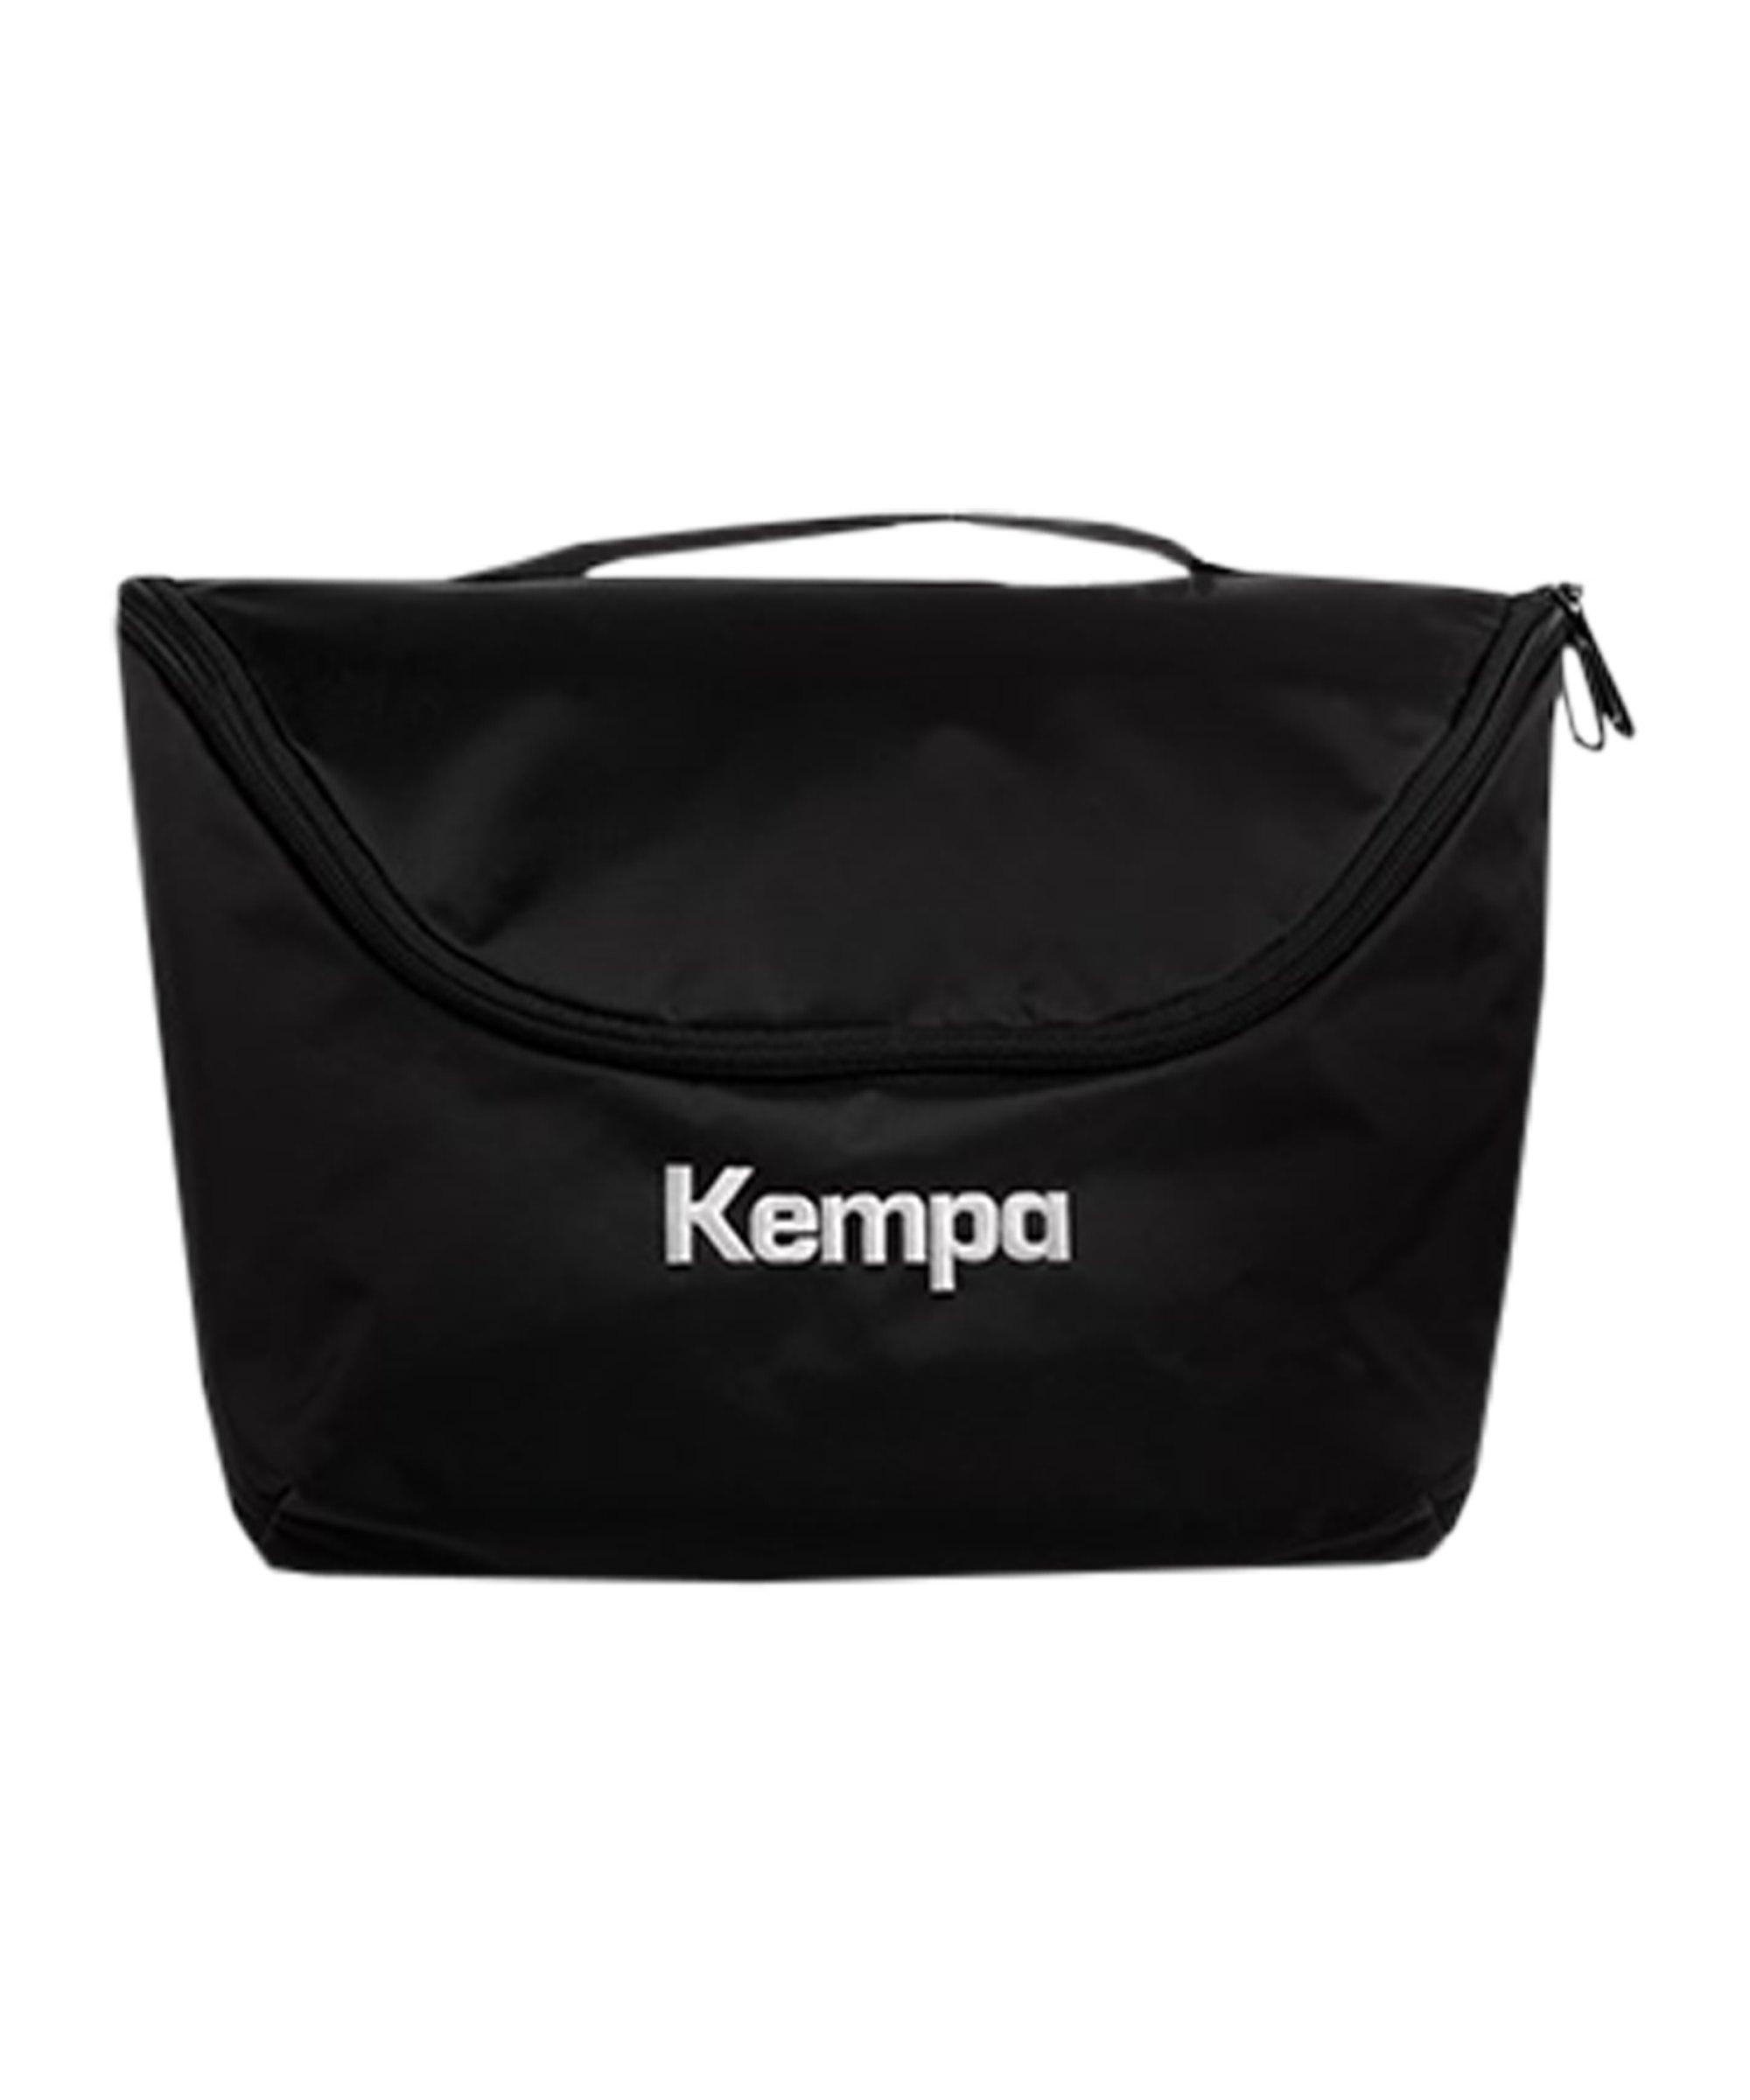 Kempa Waschbeutel Schwarz F01 - schwarz